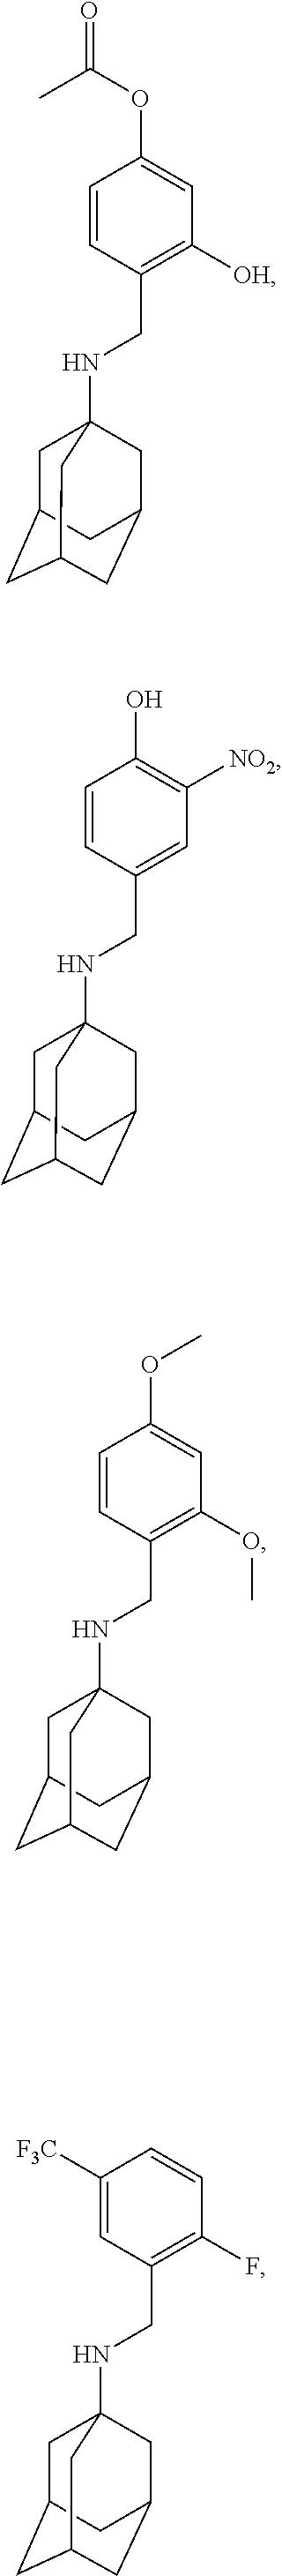 Figure US09884832-20180206-C00117